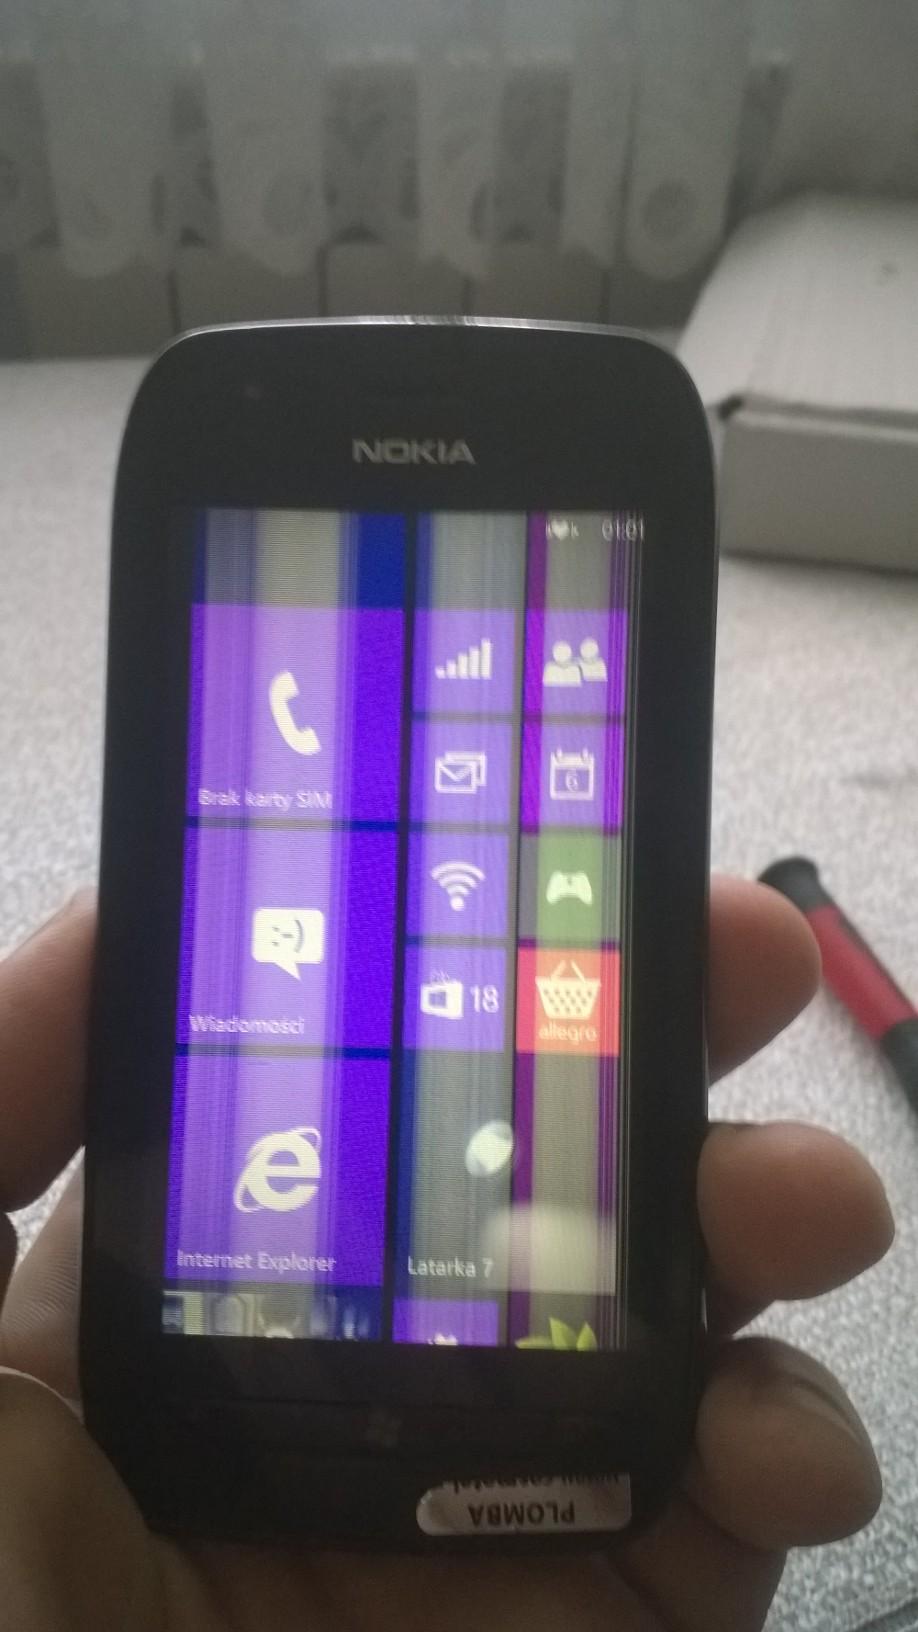 Nokia Lumia 710 - Bia�e pionowe pasy na ekranie po wymianie Digitizera